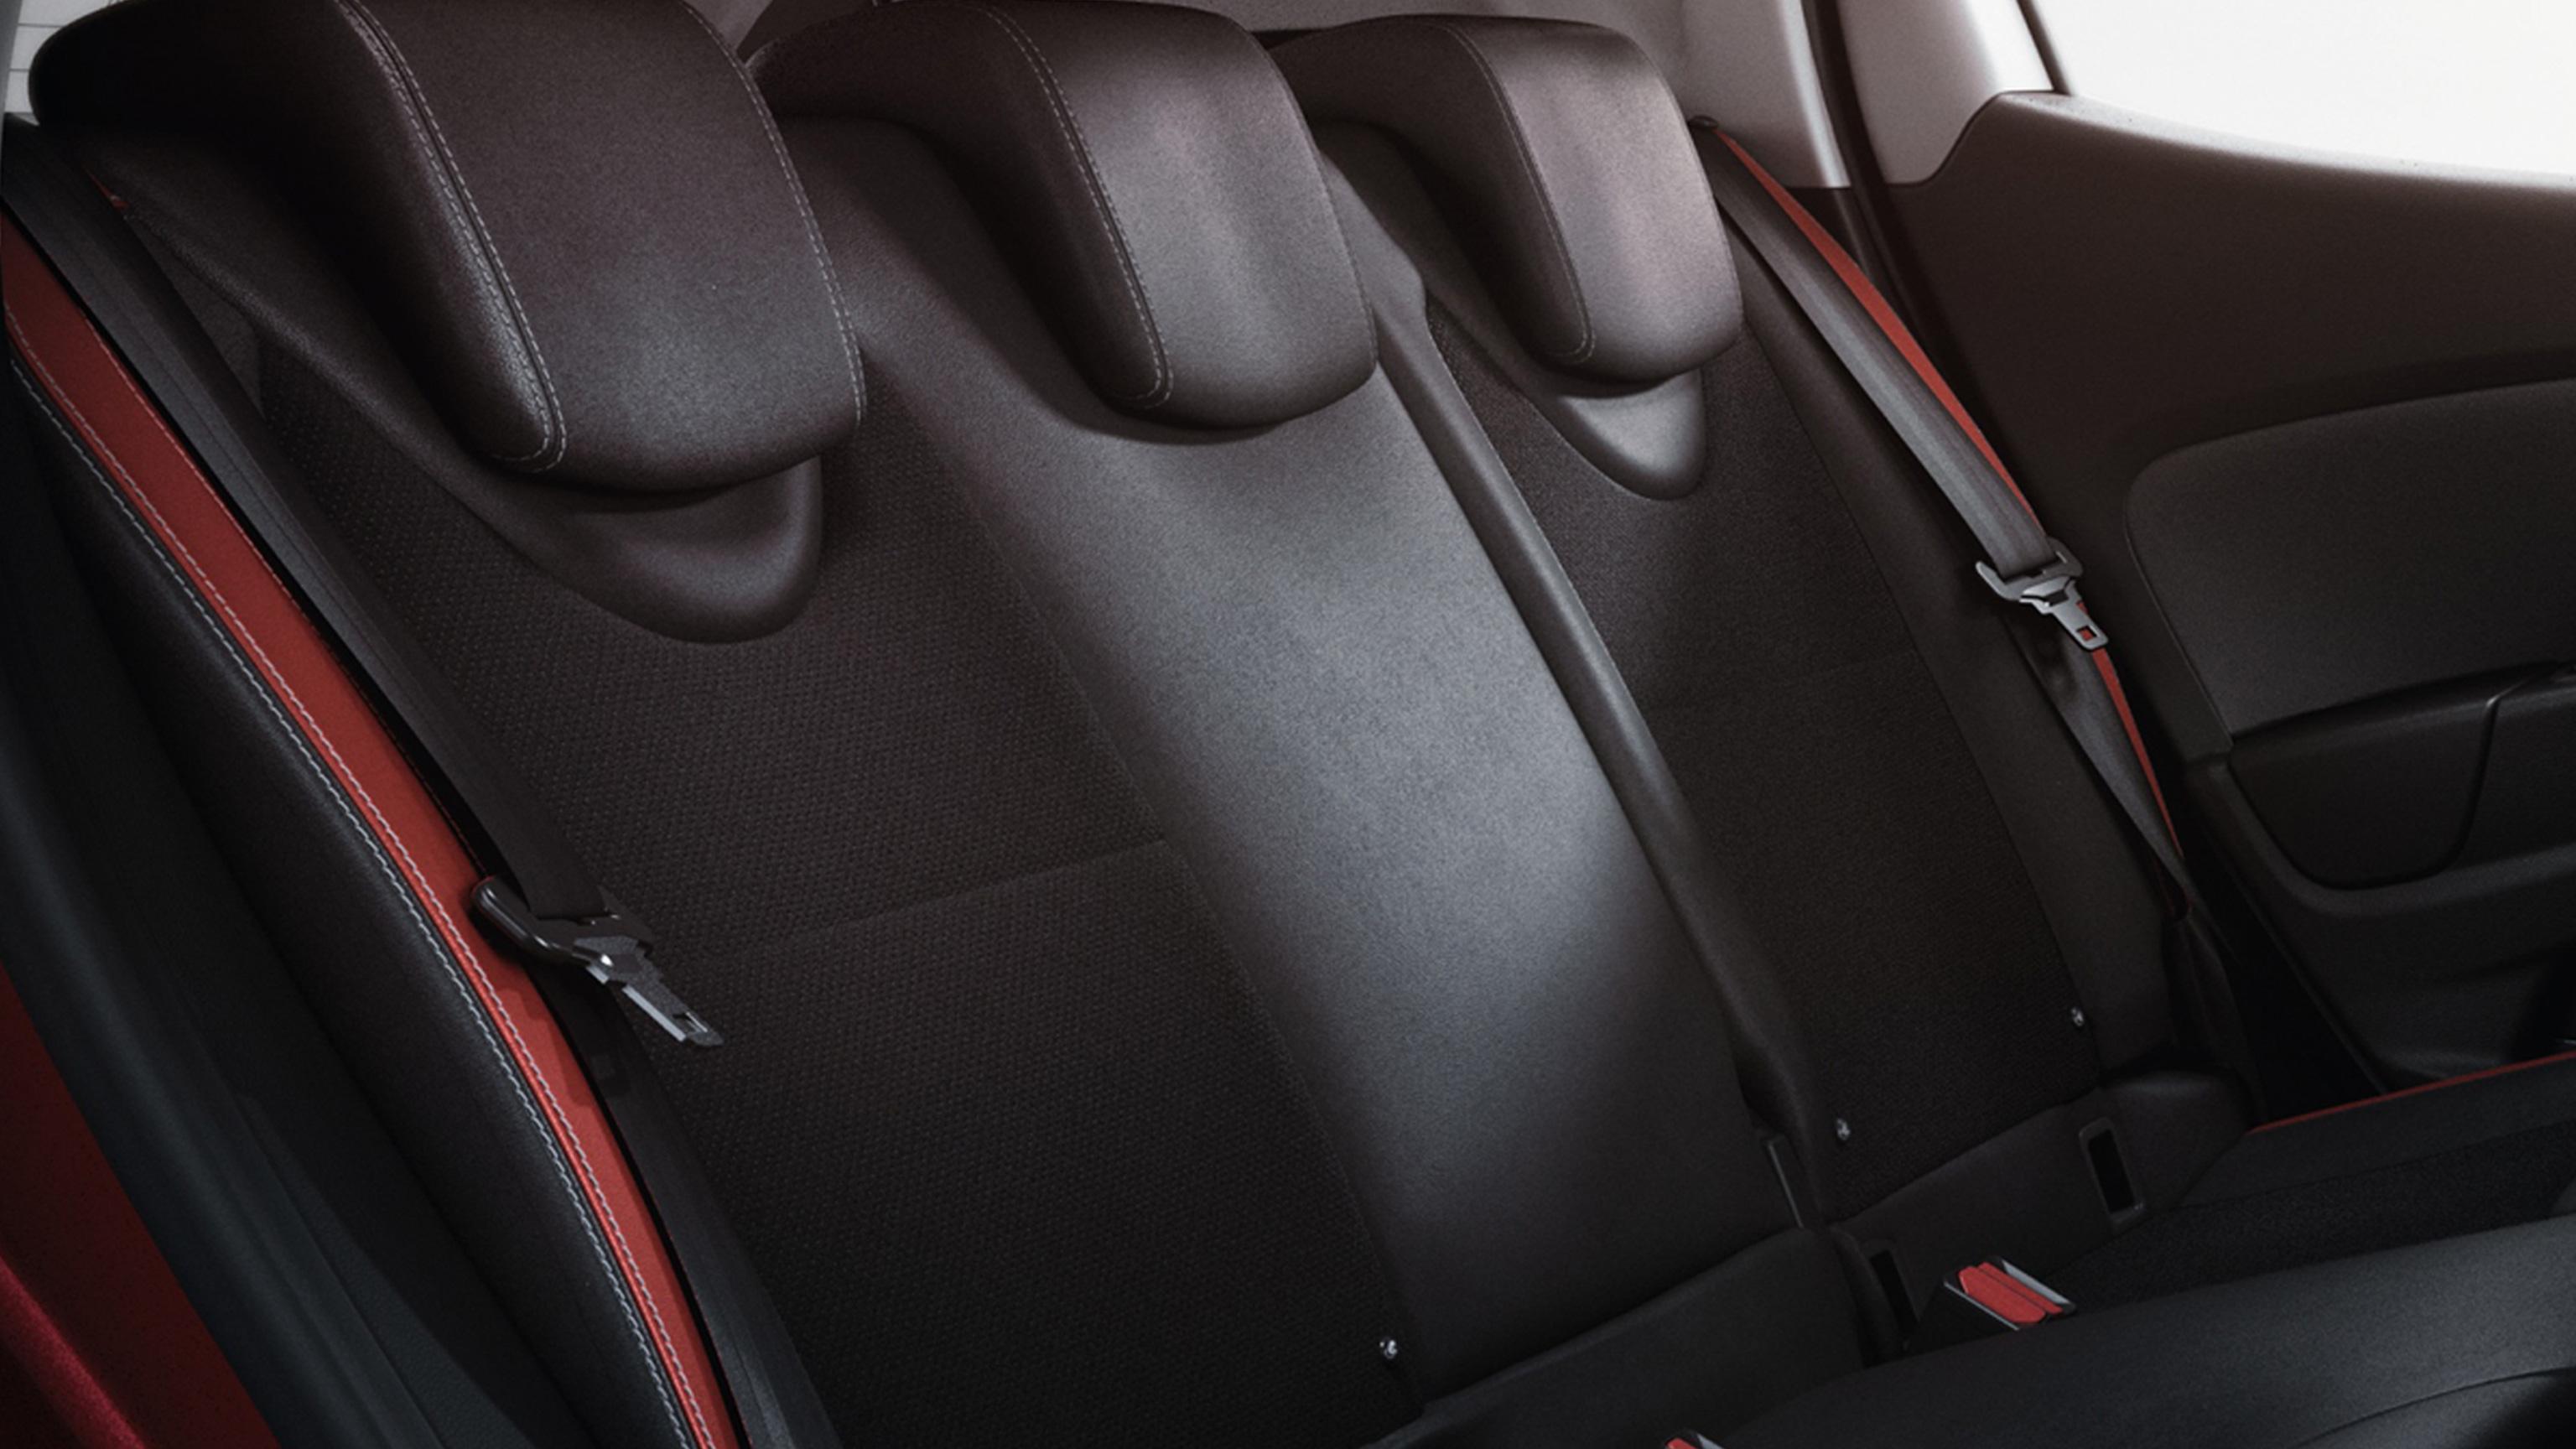 Ceintures de sécurité arrière 3 points avec limiteur d'effort intégré aux places latérales